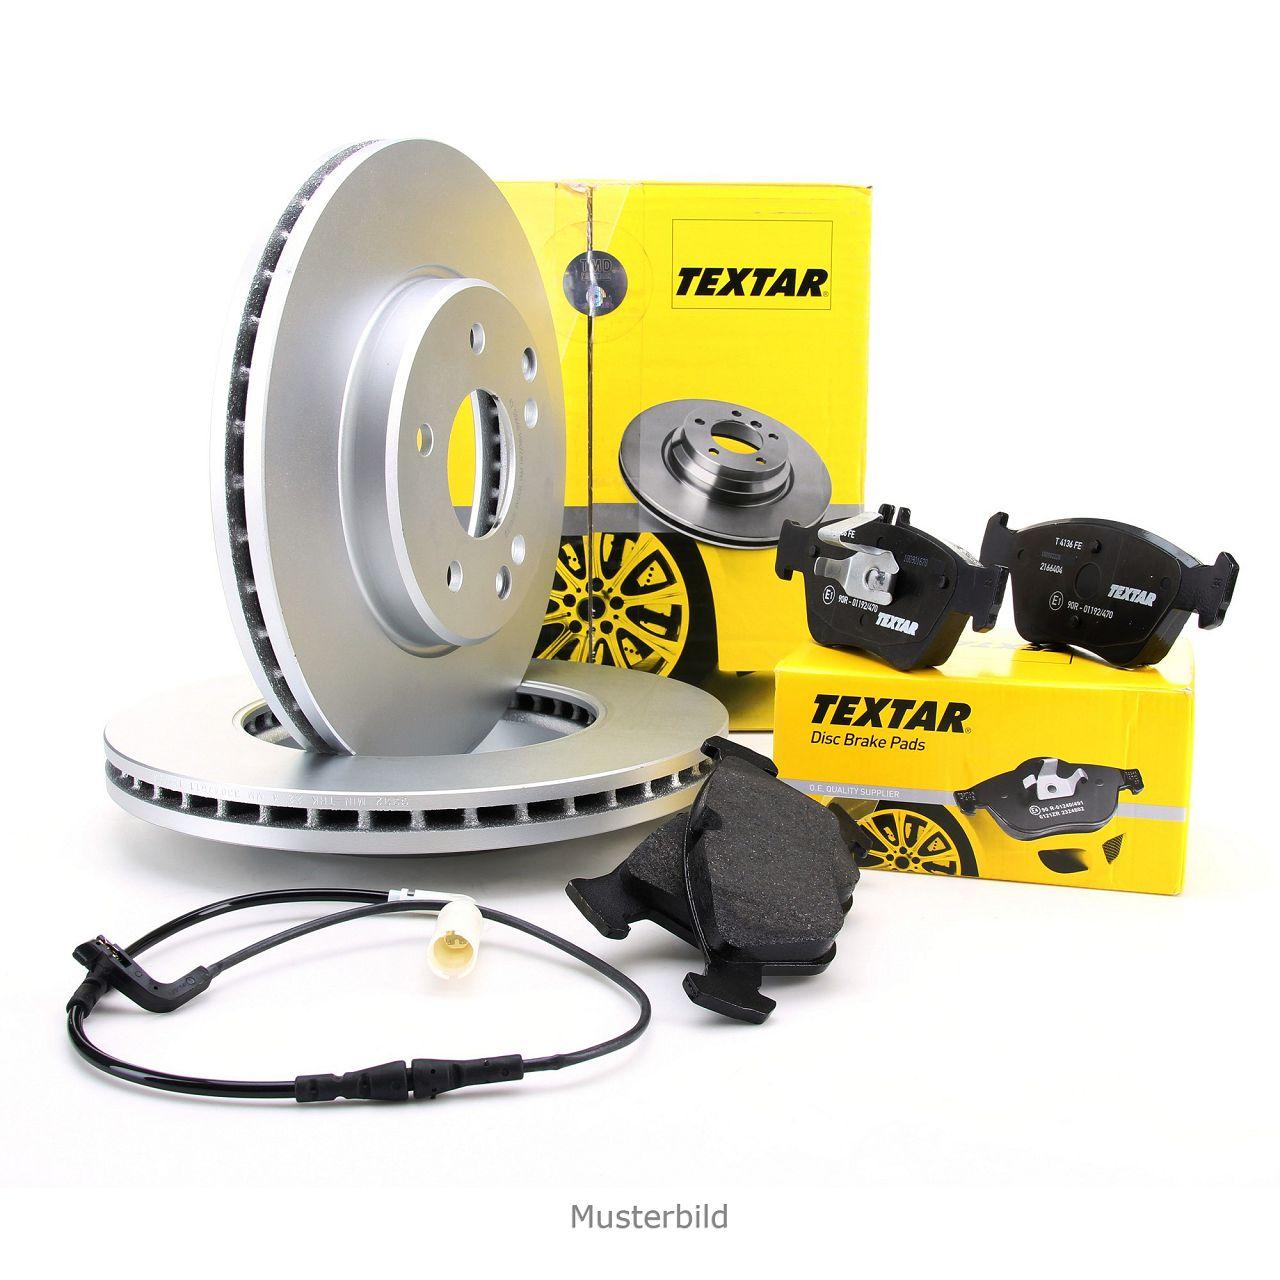 TEXTAR Bremsscheiben + Bremsbeläge + Wako MERCEDES A-Klasse W169 B-Klasse W245 vorne